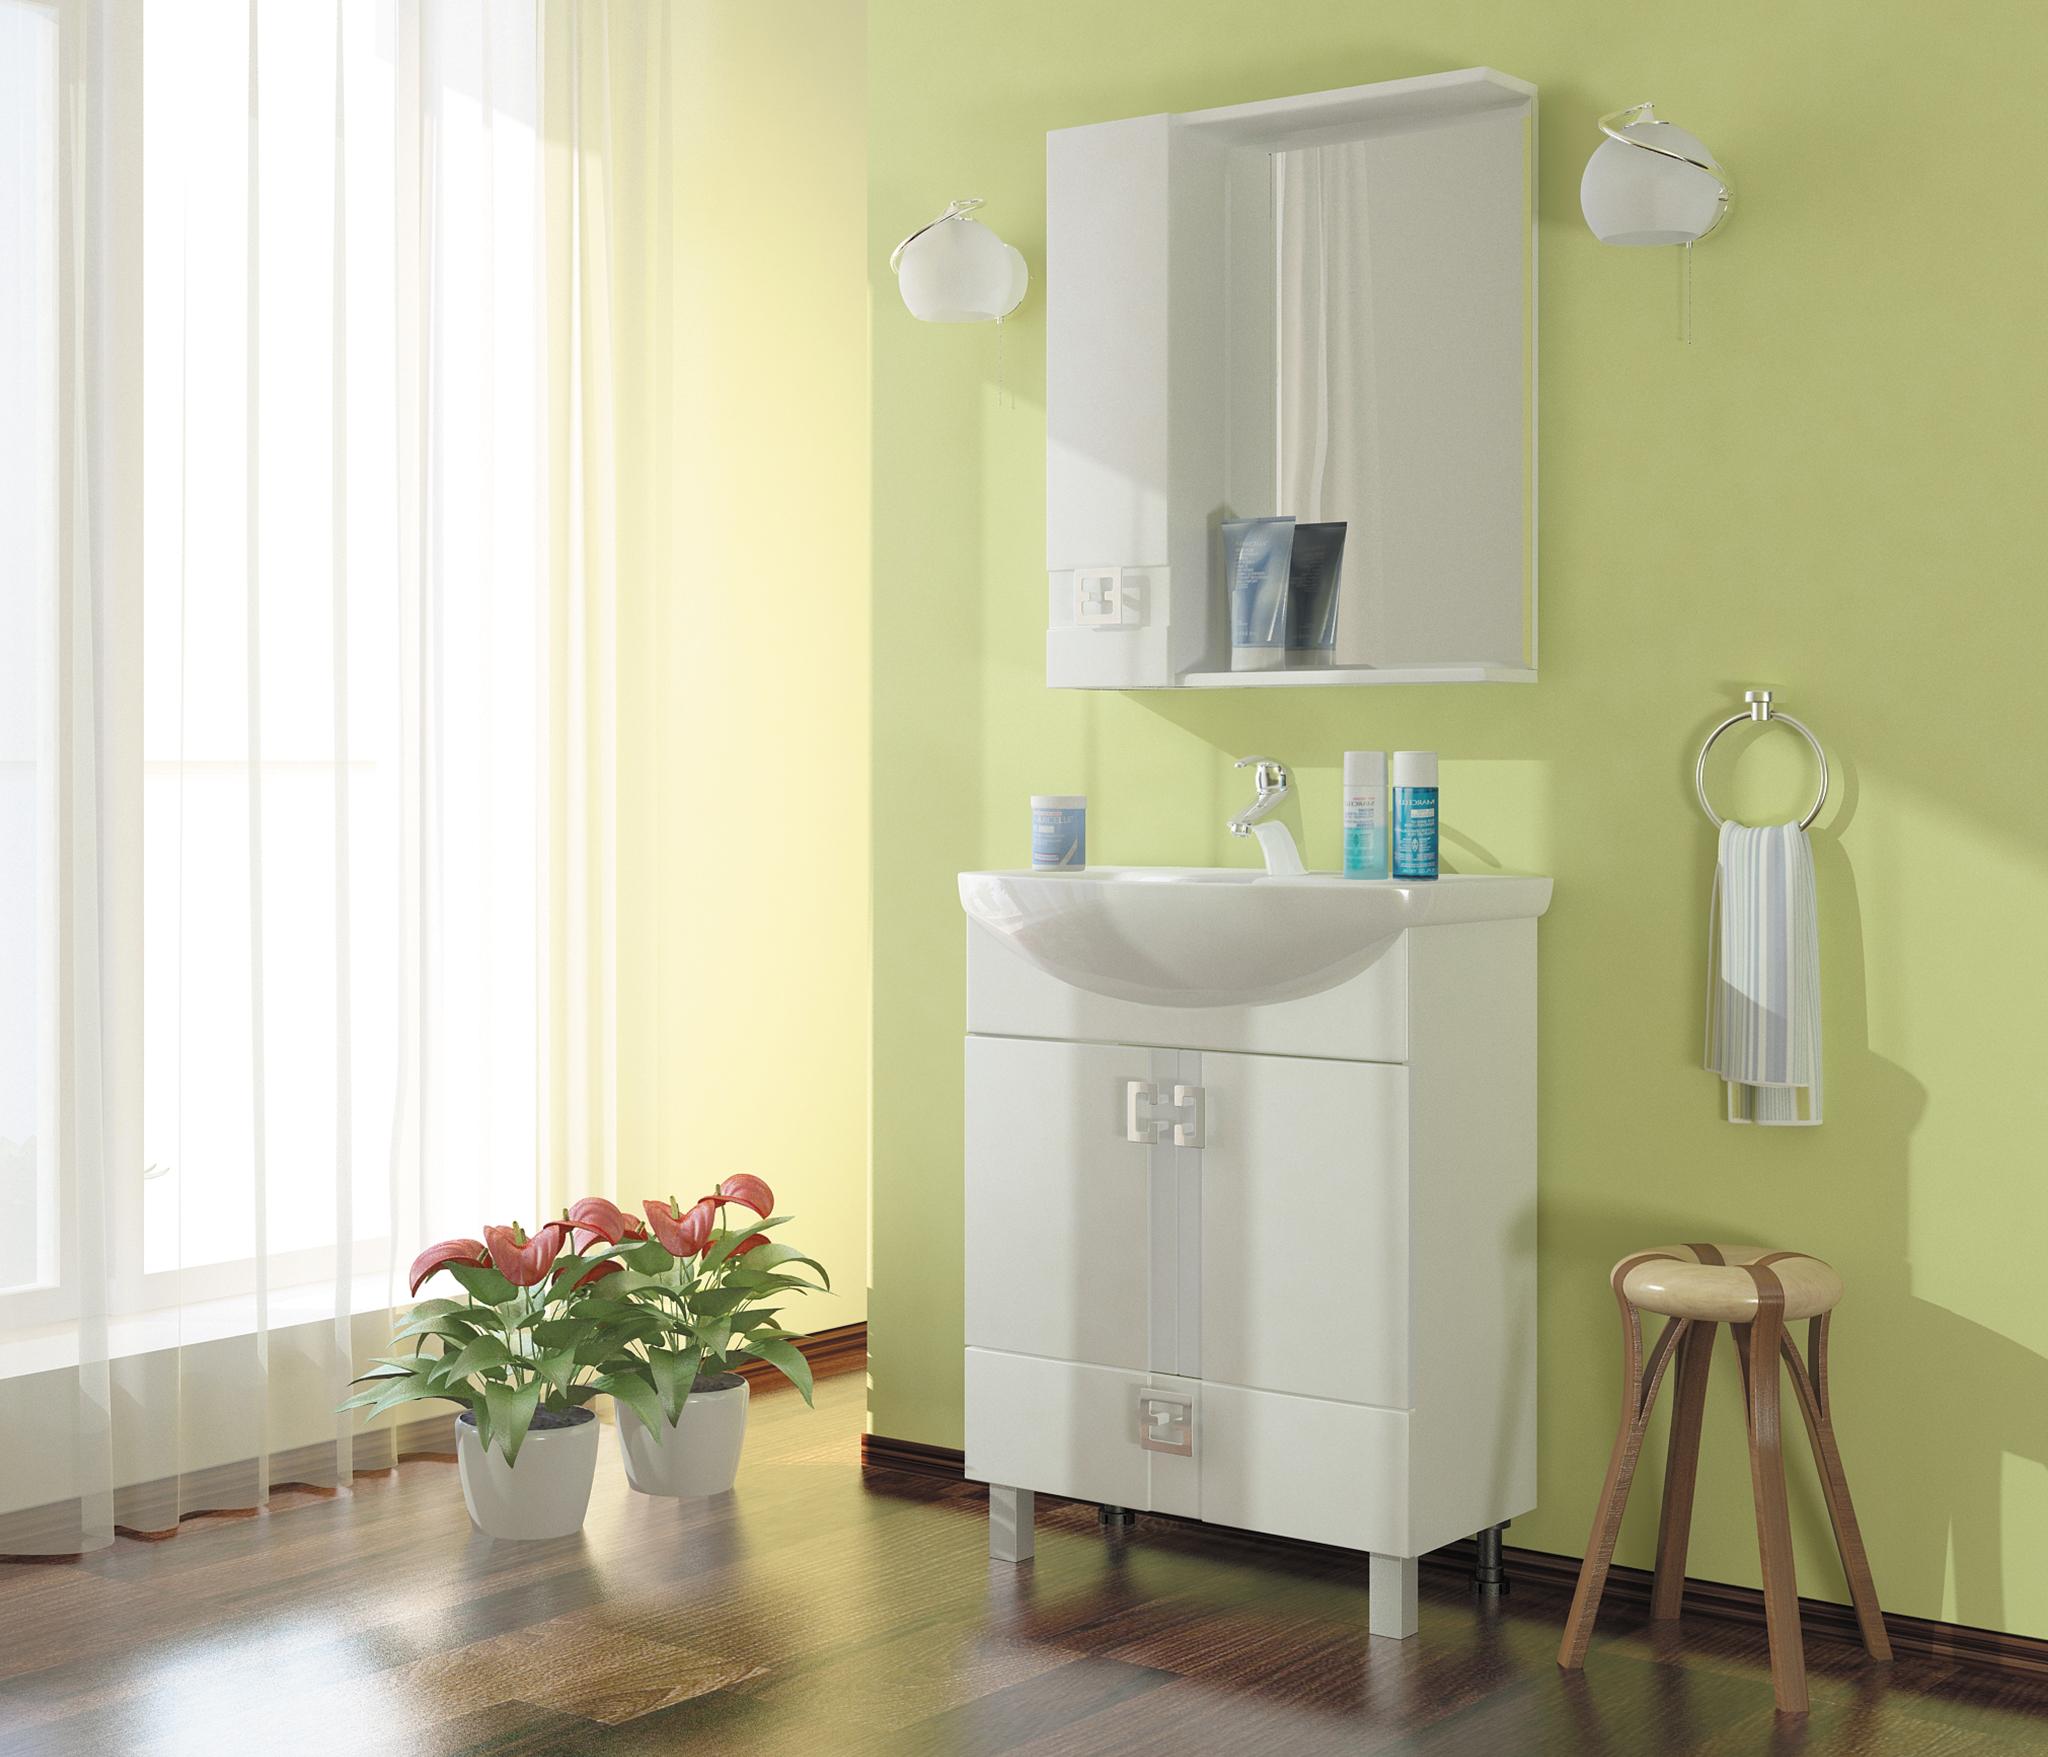 Набор мебели для ванной Mixline Квадро-75 белый (зеркальный шкаф левый, тумба, раковина) раковина квадро для тумбы торонто 75